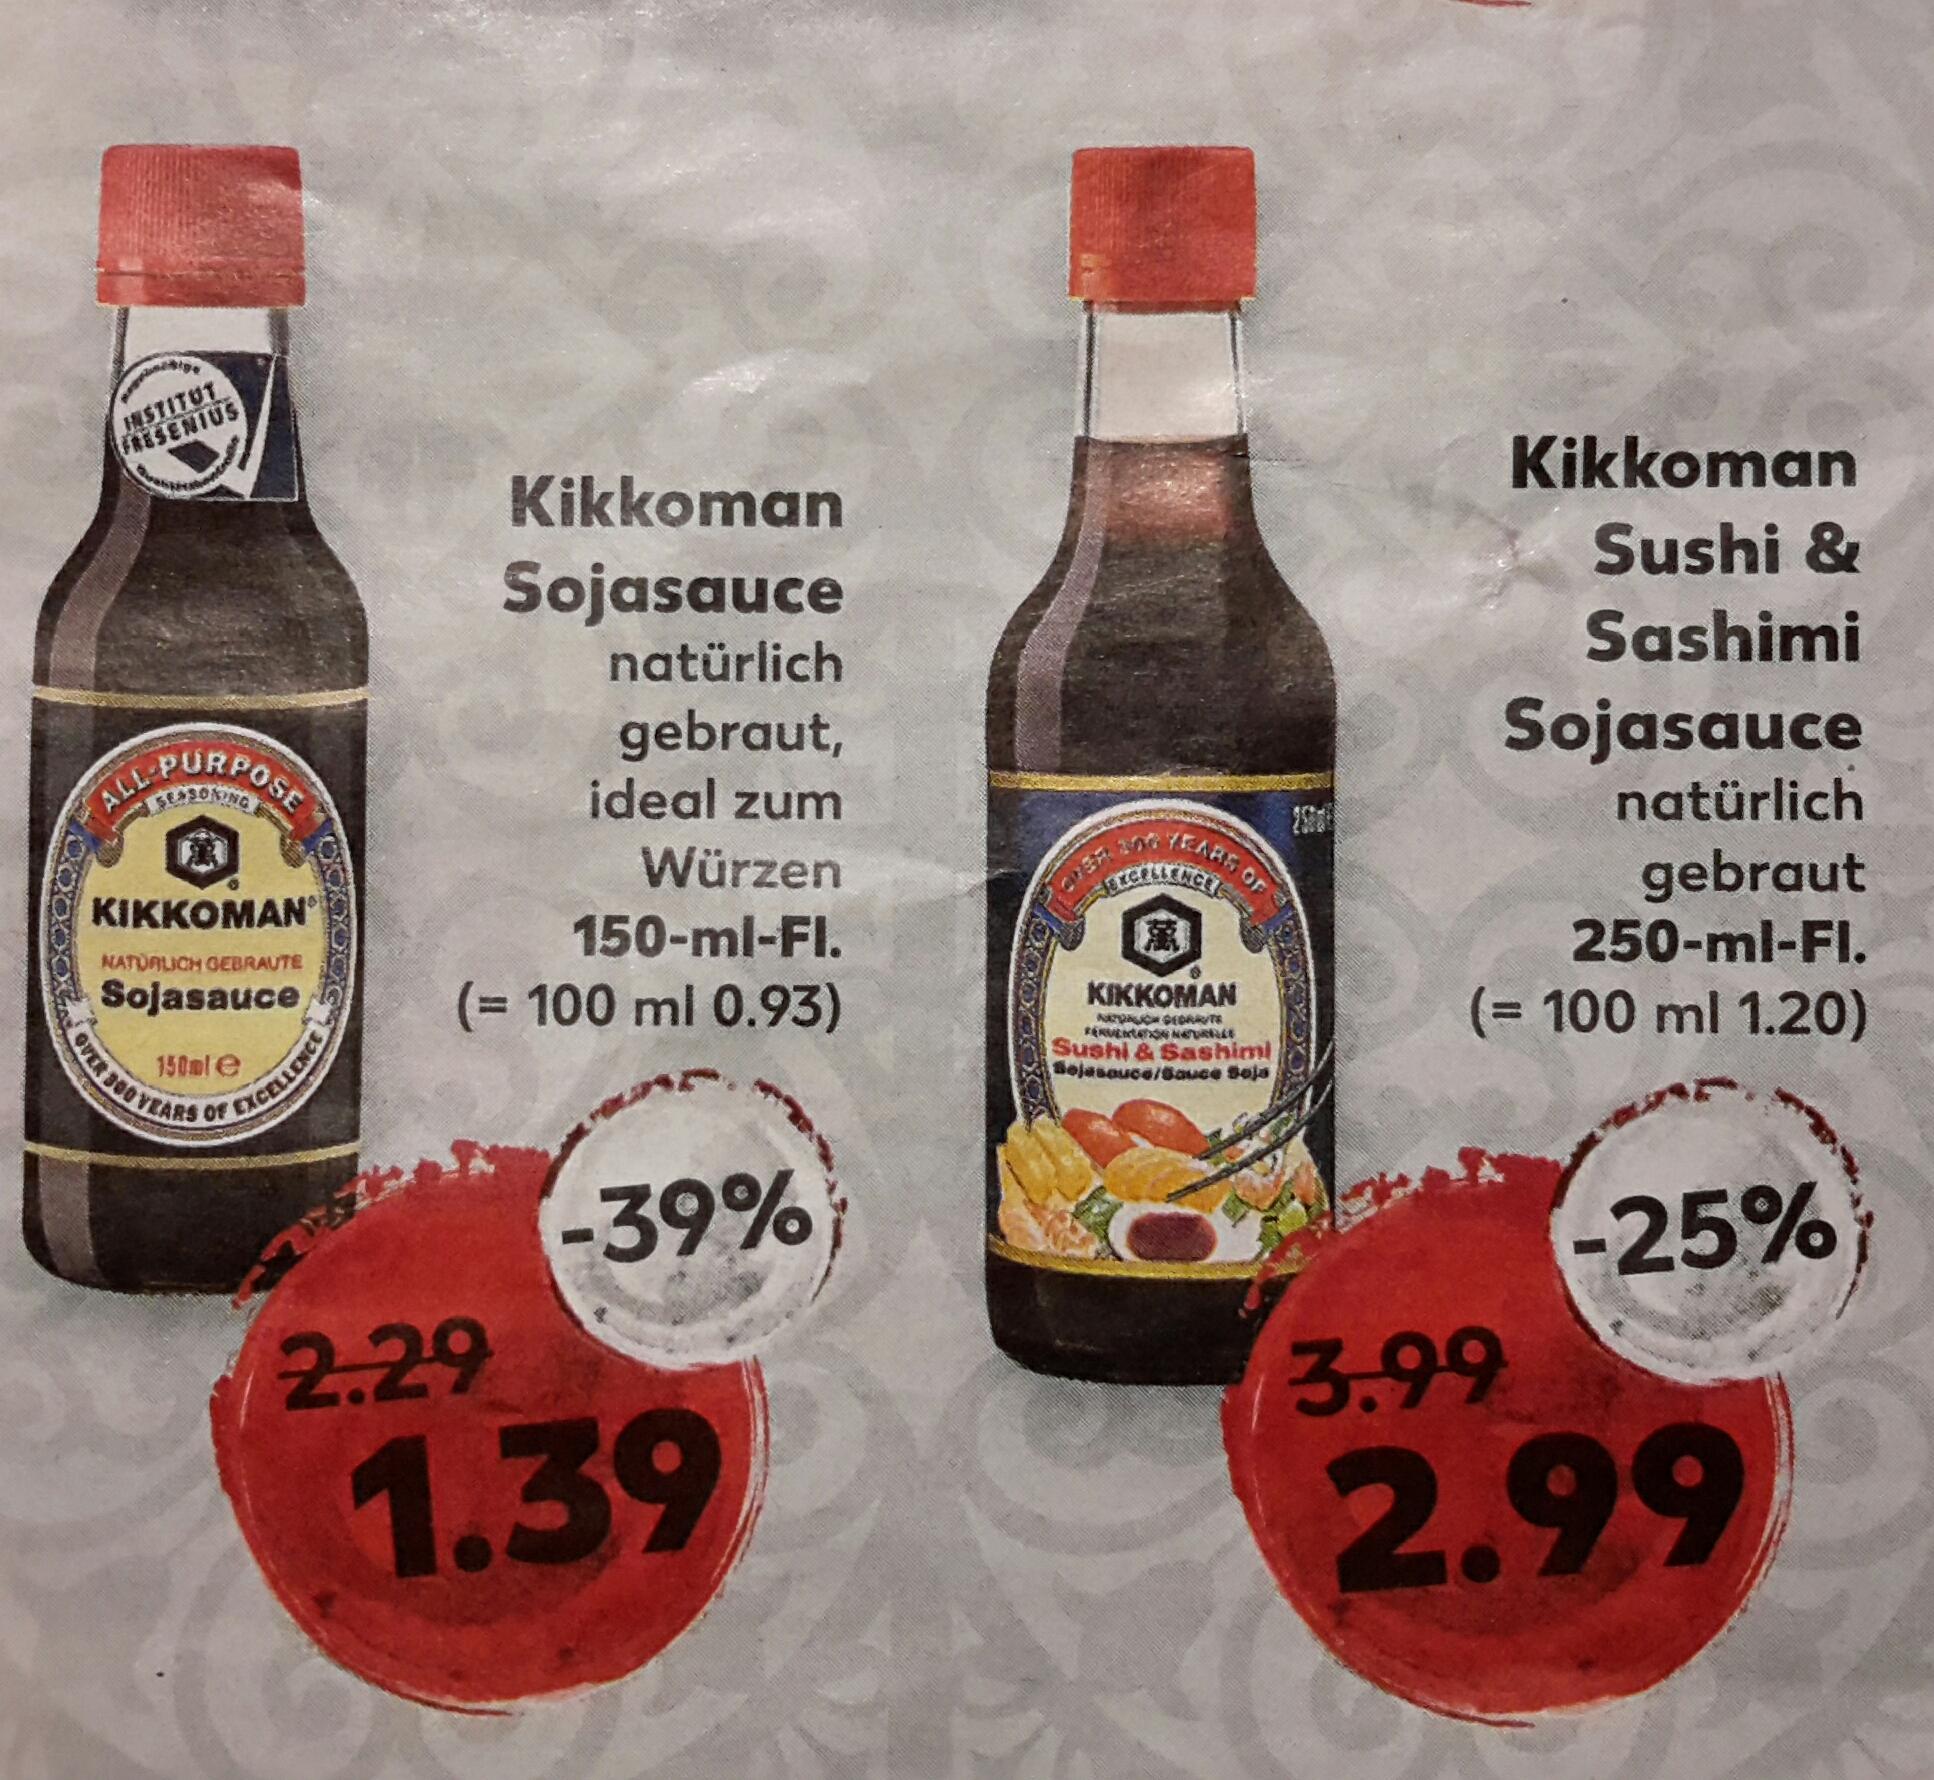 [Kaufland] Kikkoman Sojasauce für 1,39 € bzw. Sushi & Sashimi Sojasauce für 2,99 € ab 23.02.17